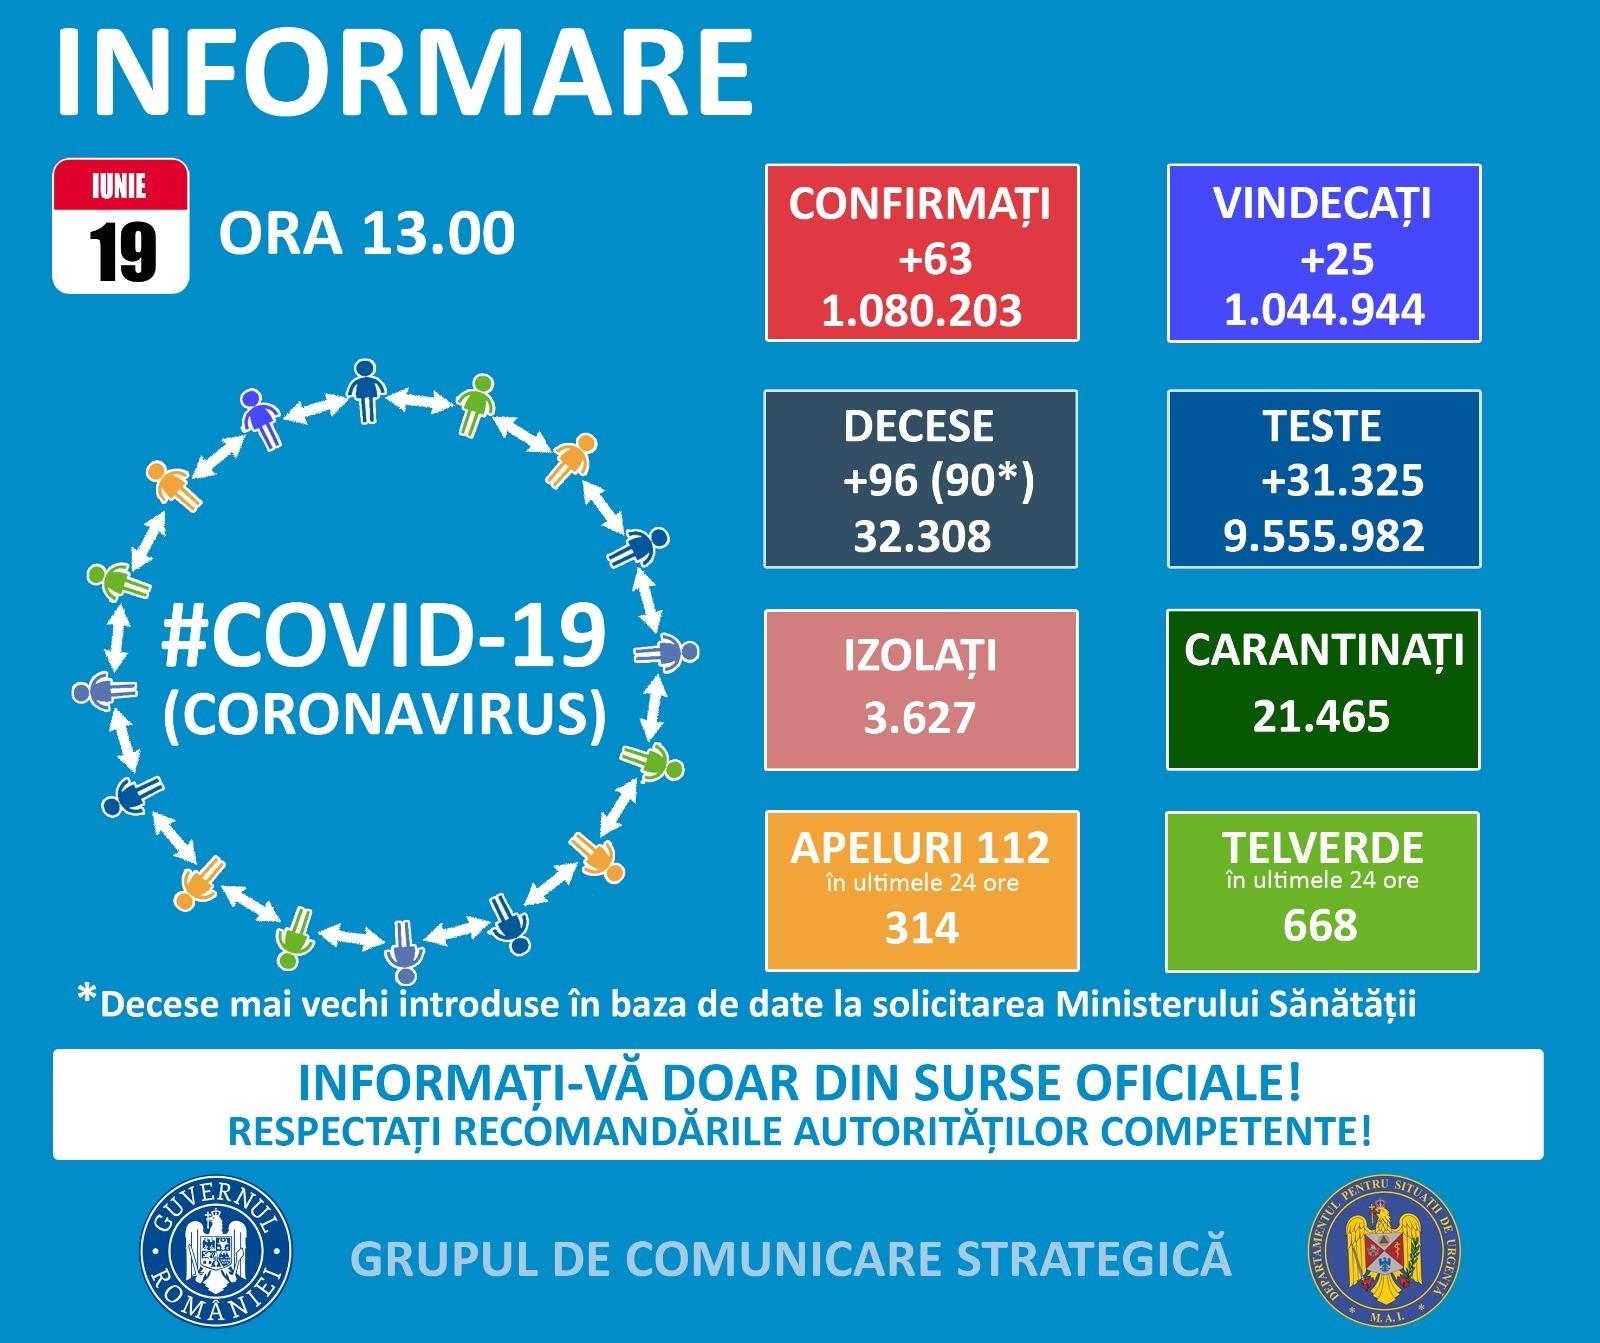 63 de noi cazuri covid în ultimele 24 de ore, din care 5 sunt raportate în Prahova. Situația covid din 19 iunie